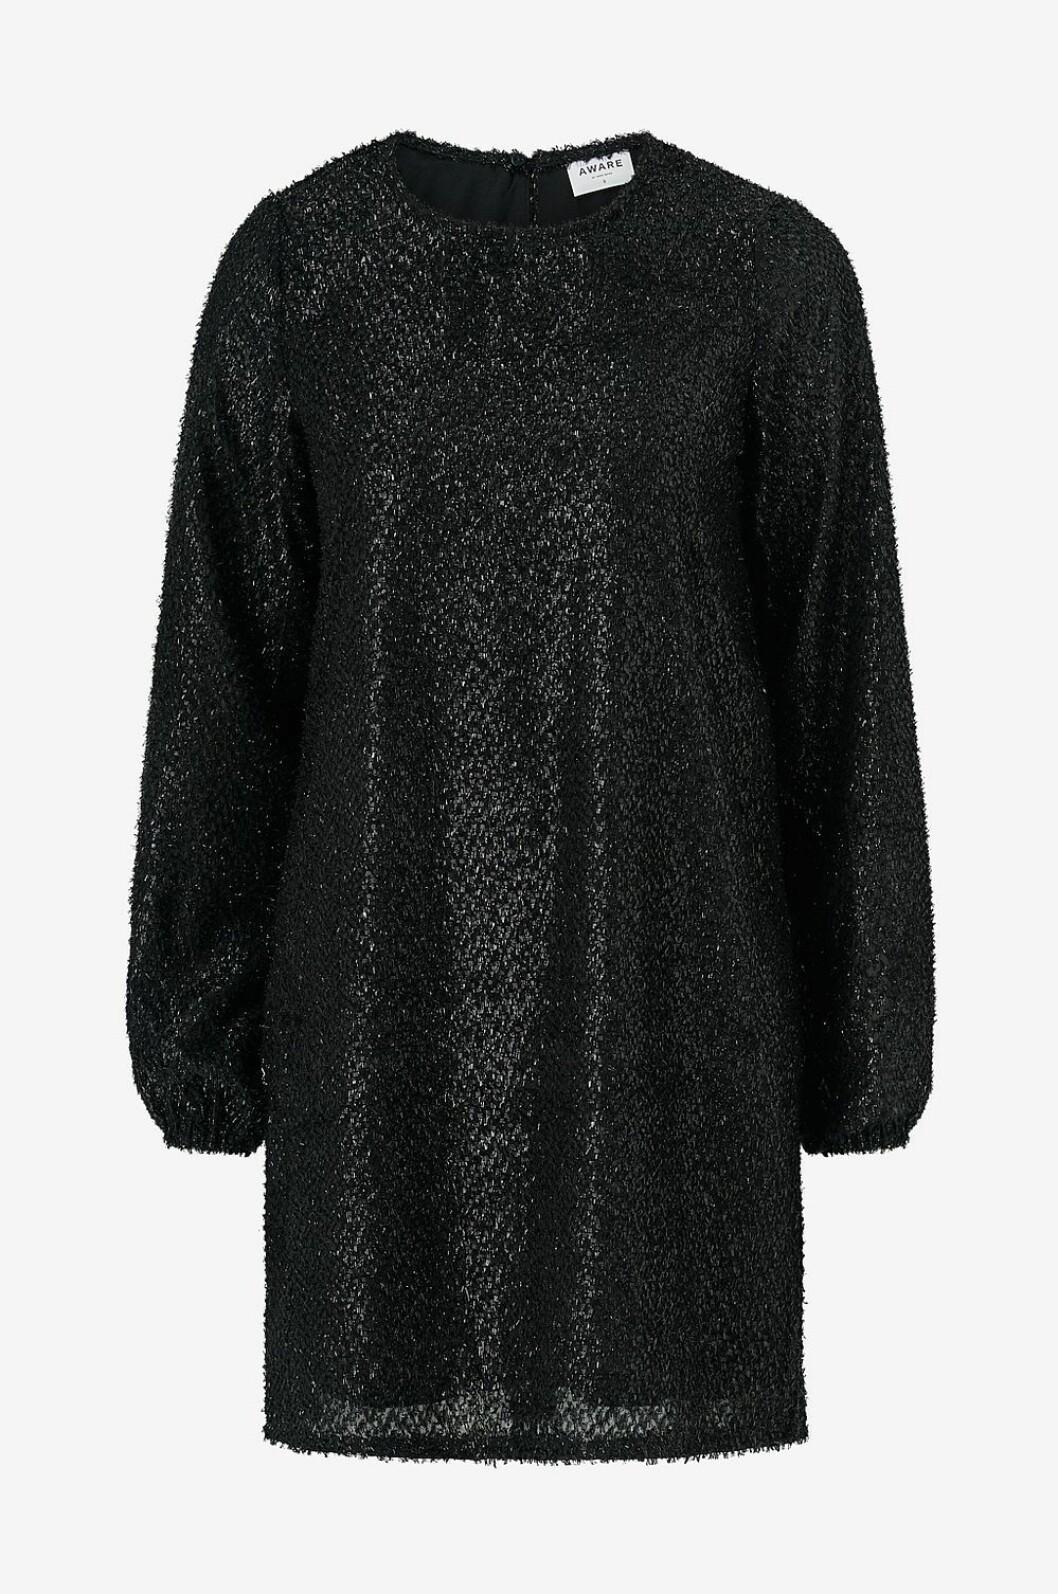 Svart paljettklänning som passar julfesten och julbordet